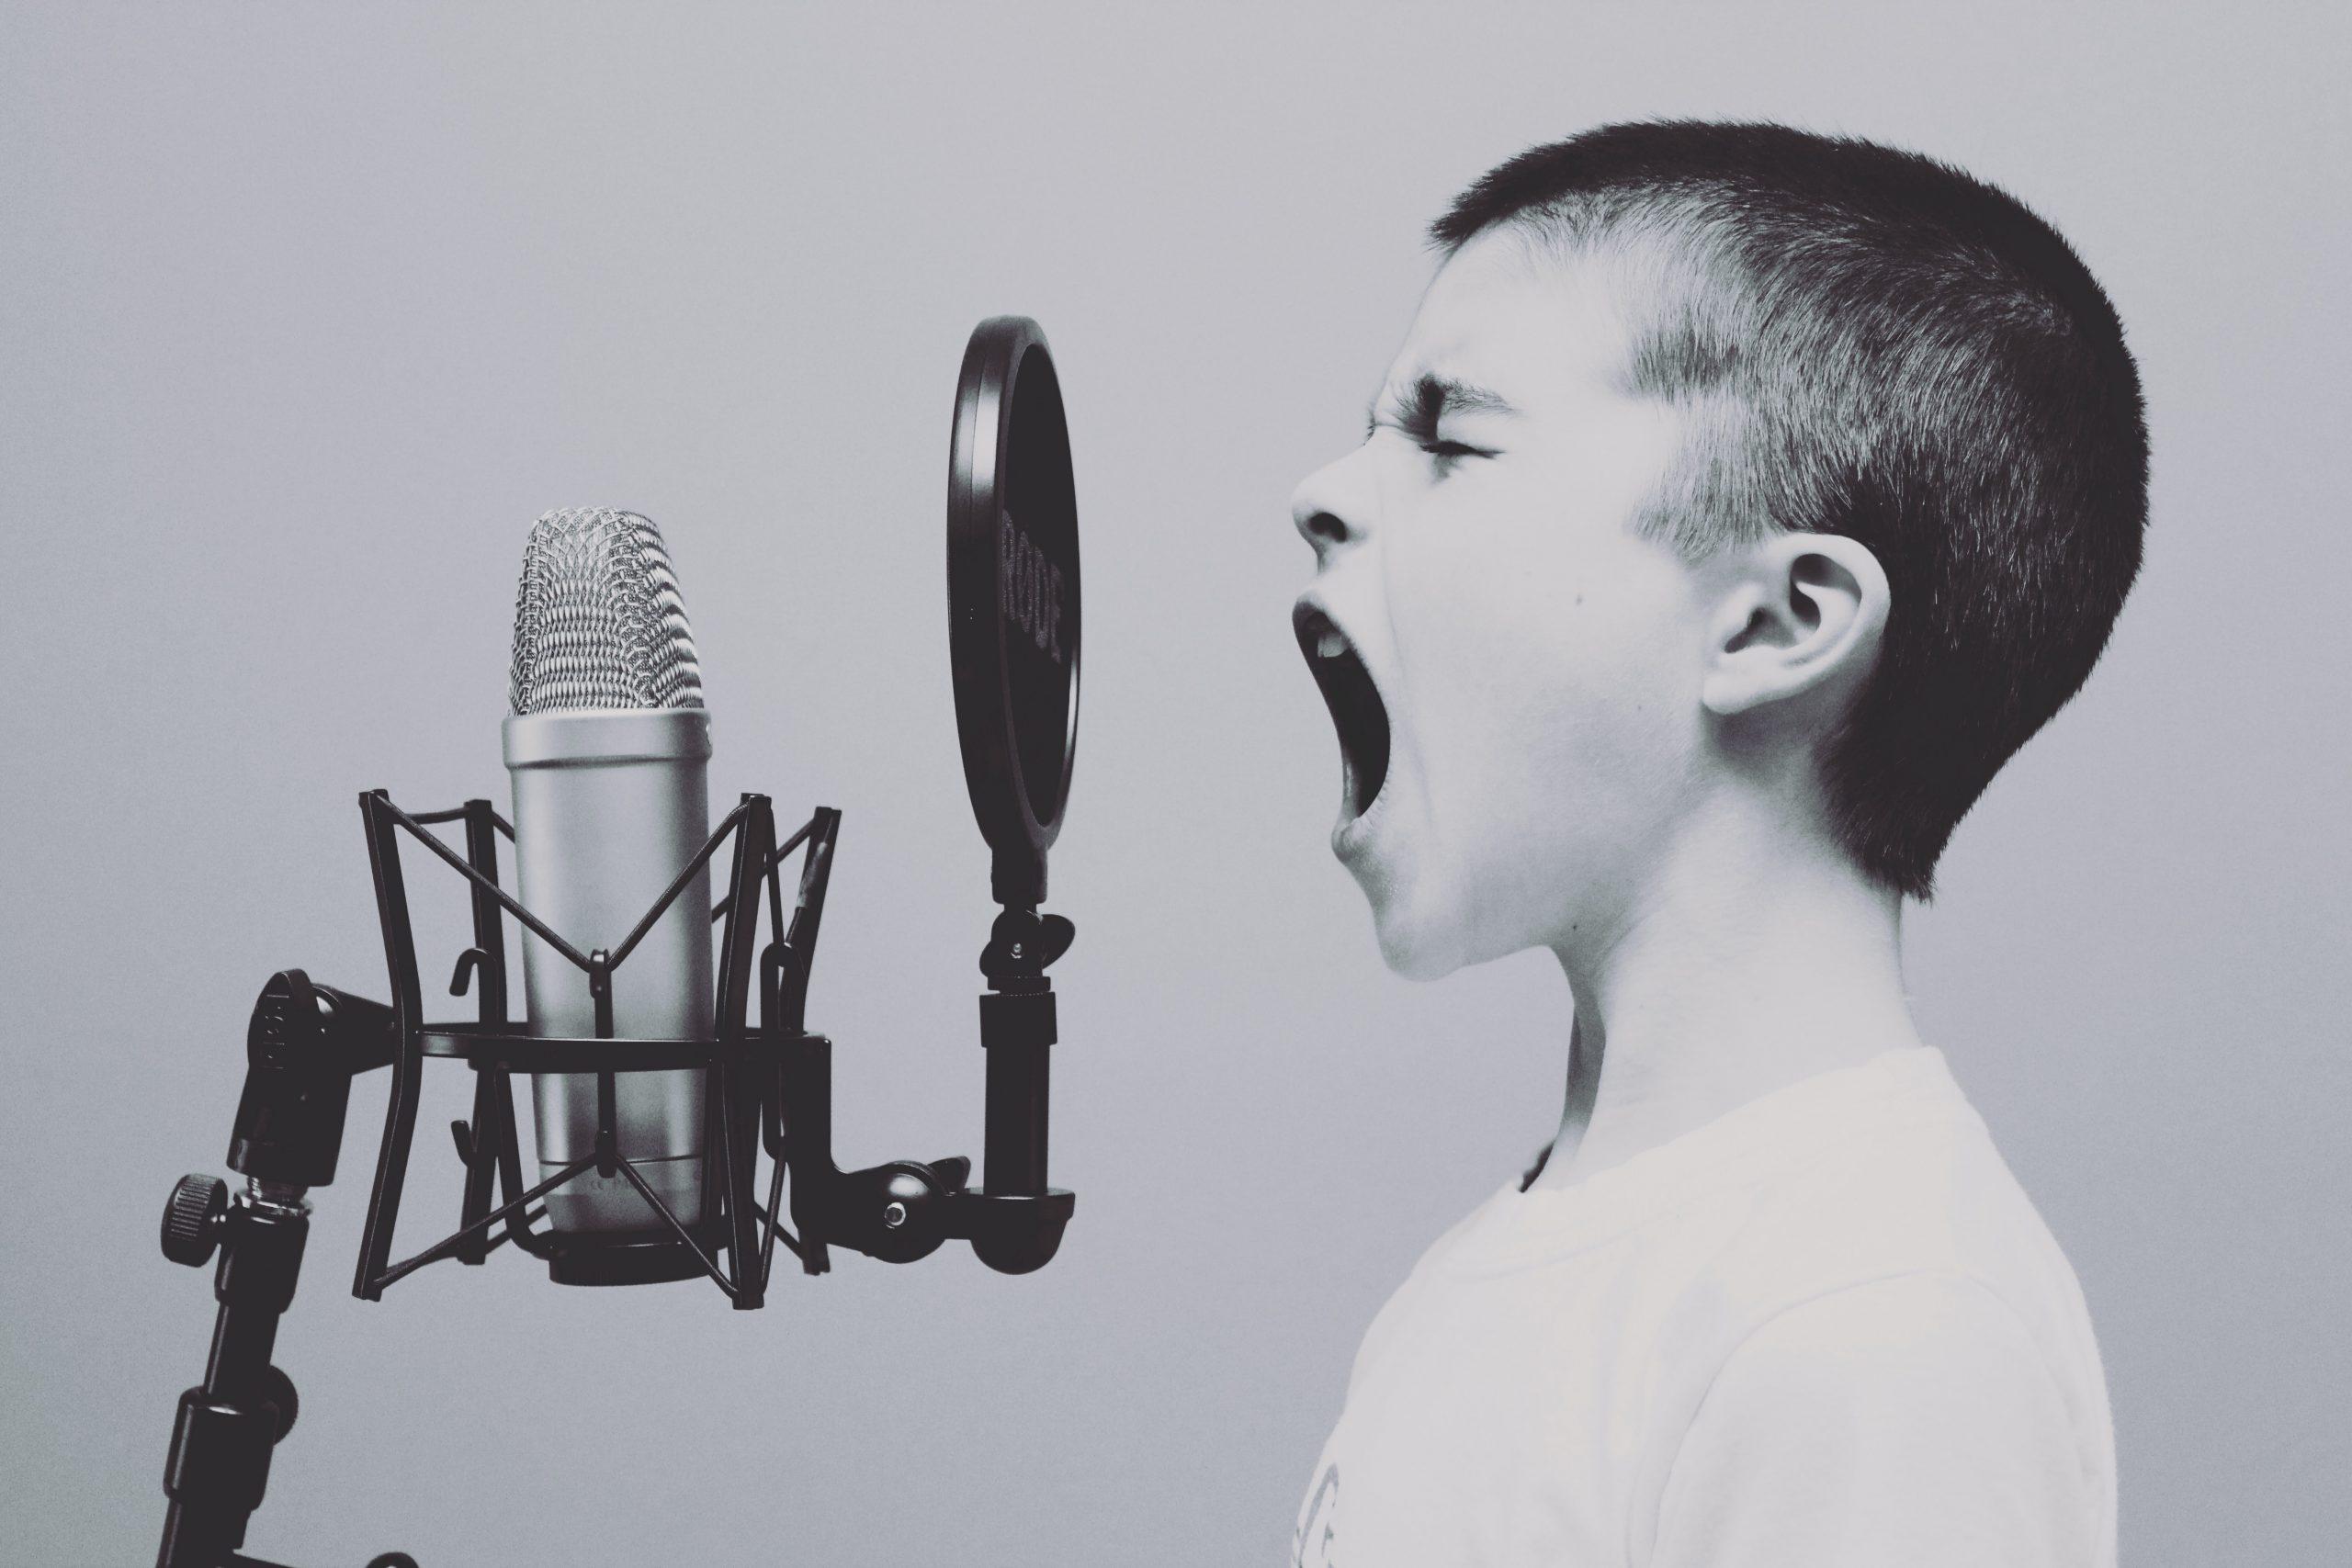 Minek tanul a gyerek rajzot és éneket? Megmondom!